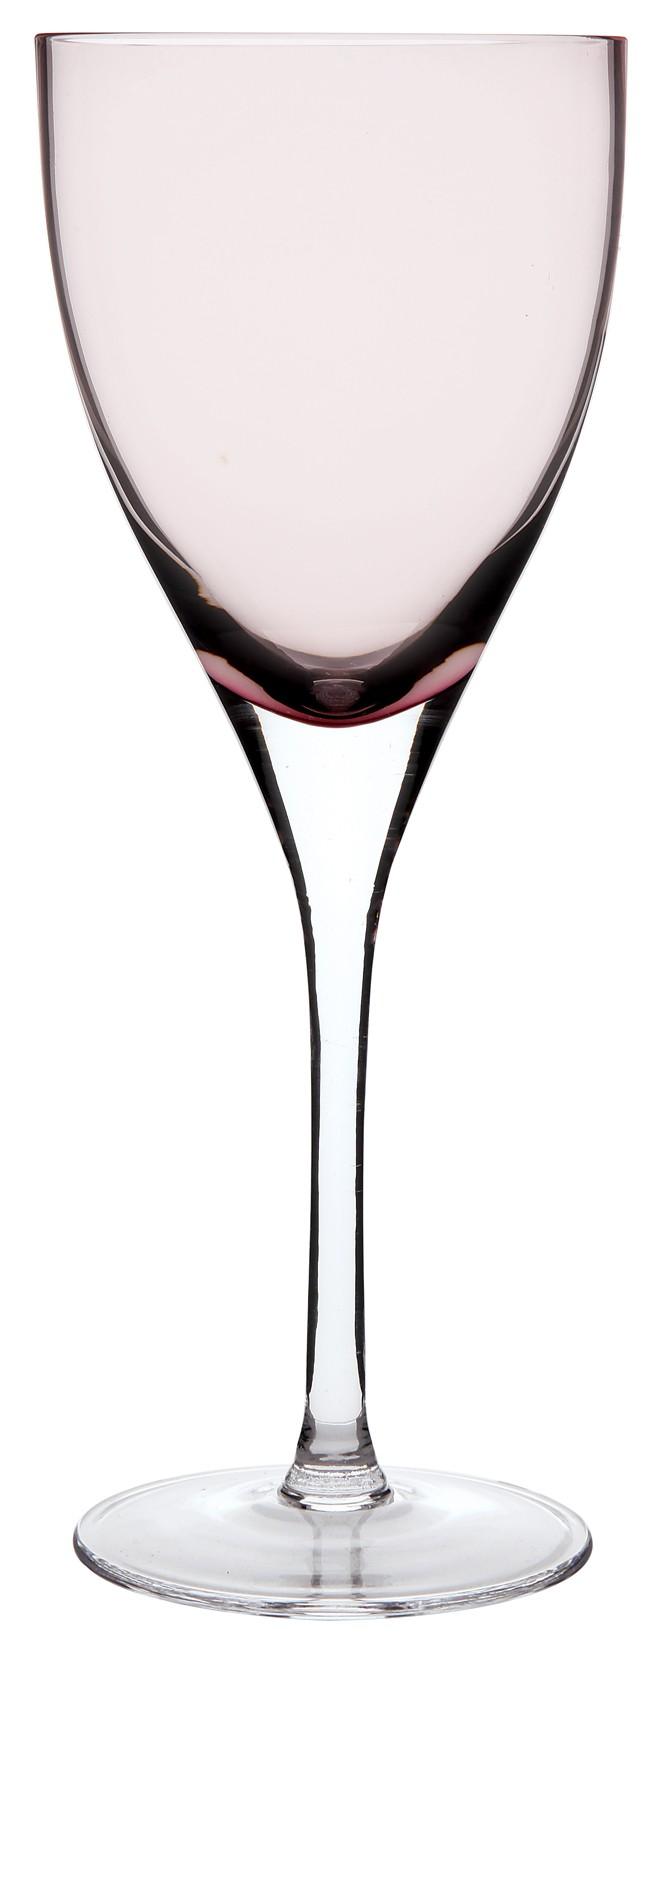 Ποτήρι Νερού Paradise Σετ 6Τμχ Μωβ 250ml Ionia home   ειδη σερβιρισματος   ποτήρια